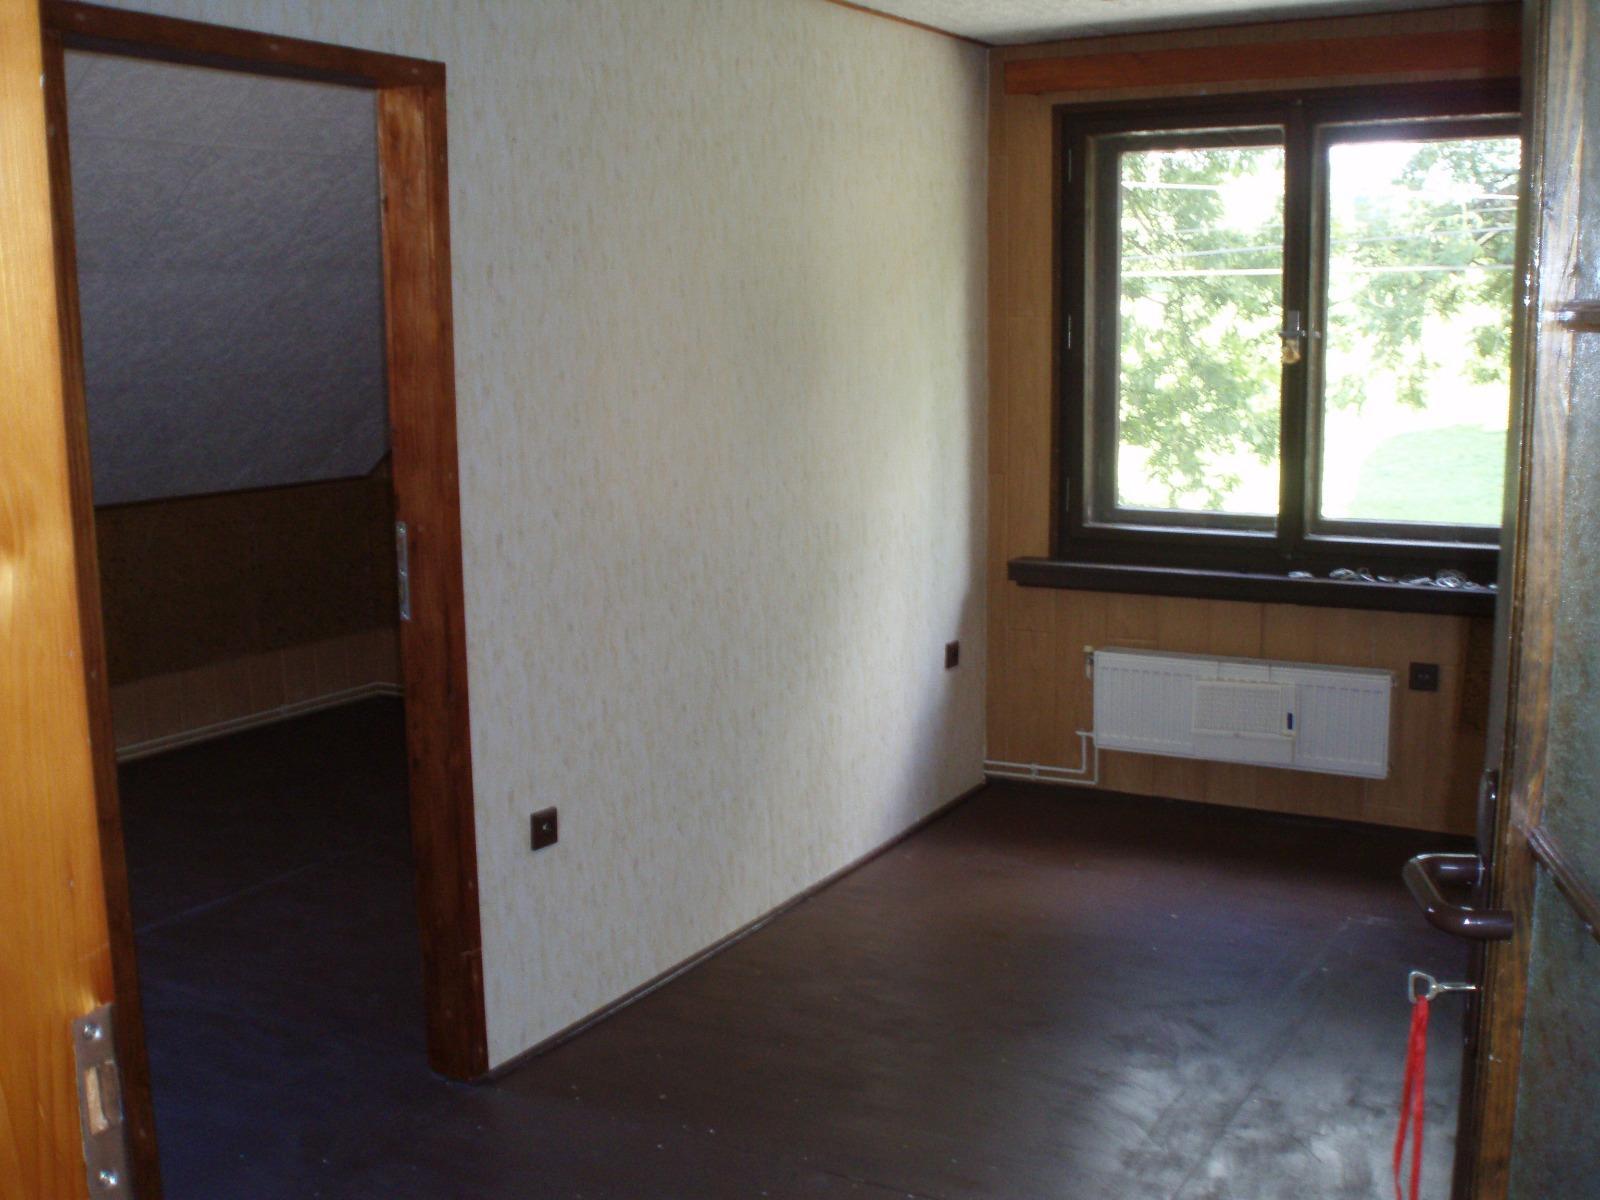 Rekonstrukce domečku ❤️ - Obrázek č. 6